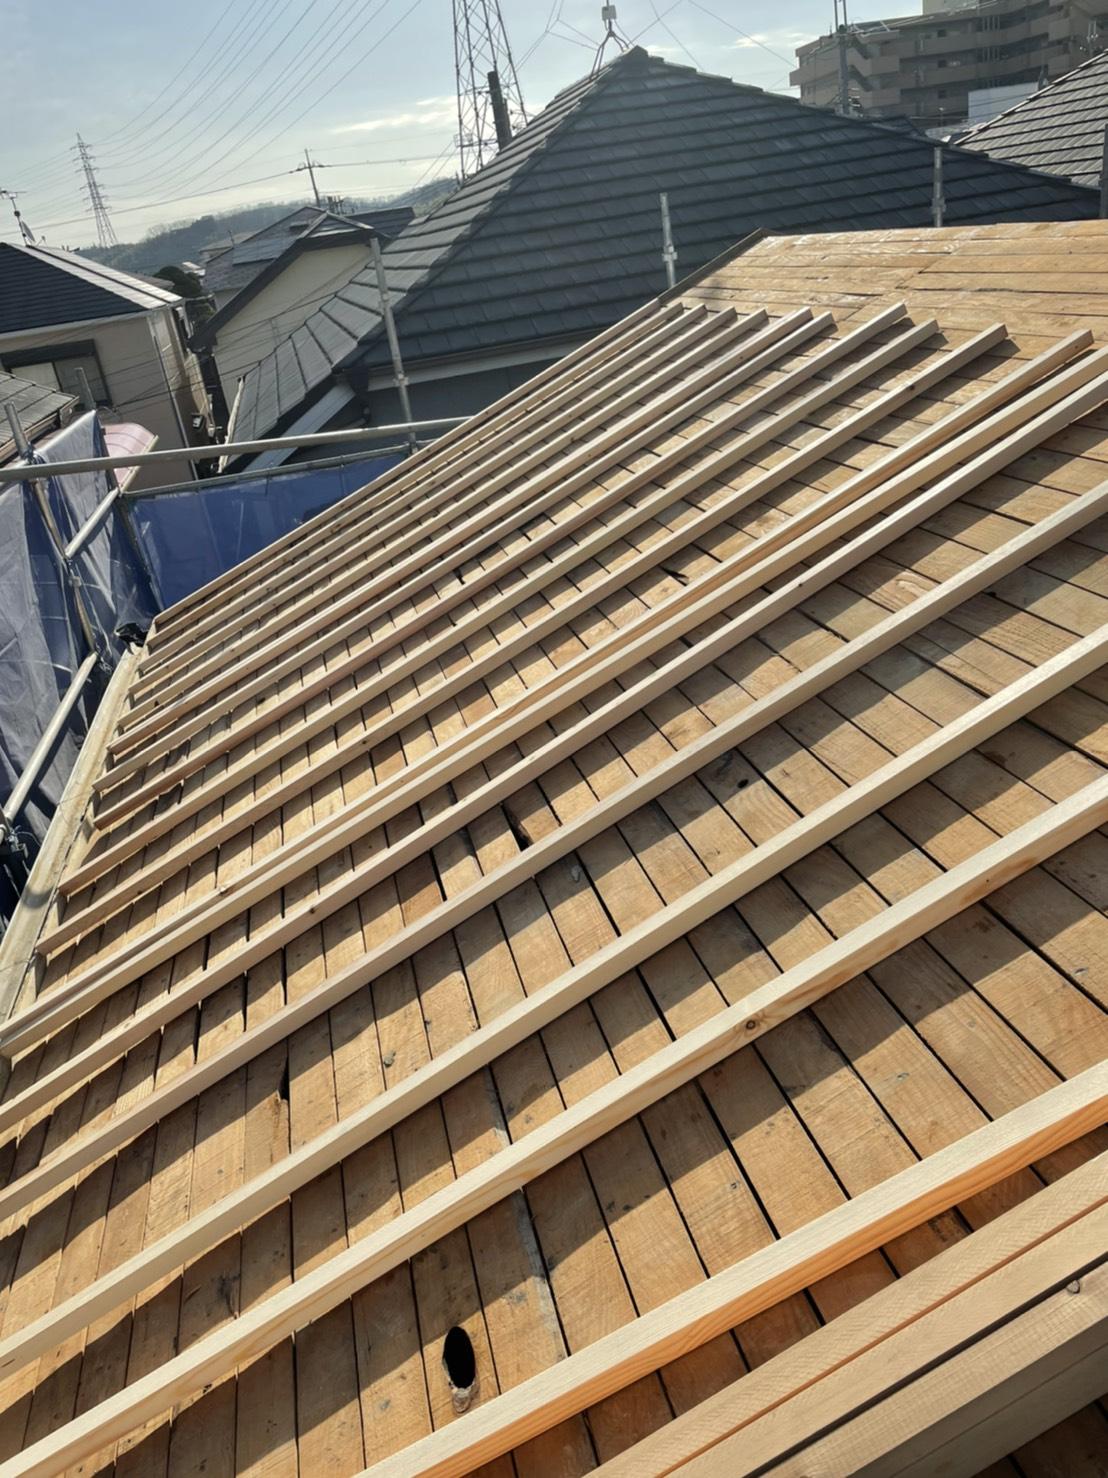 神戸市垂水区での屋根下地工事で垂木を配っている様子